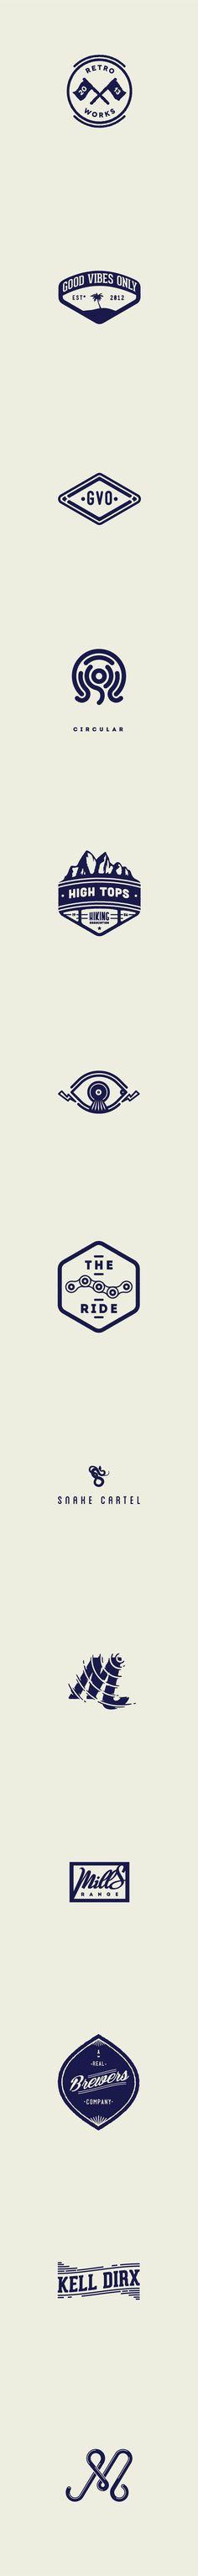 Retro Logo Design Trends 2016